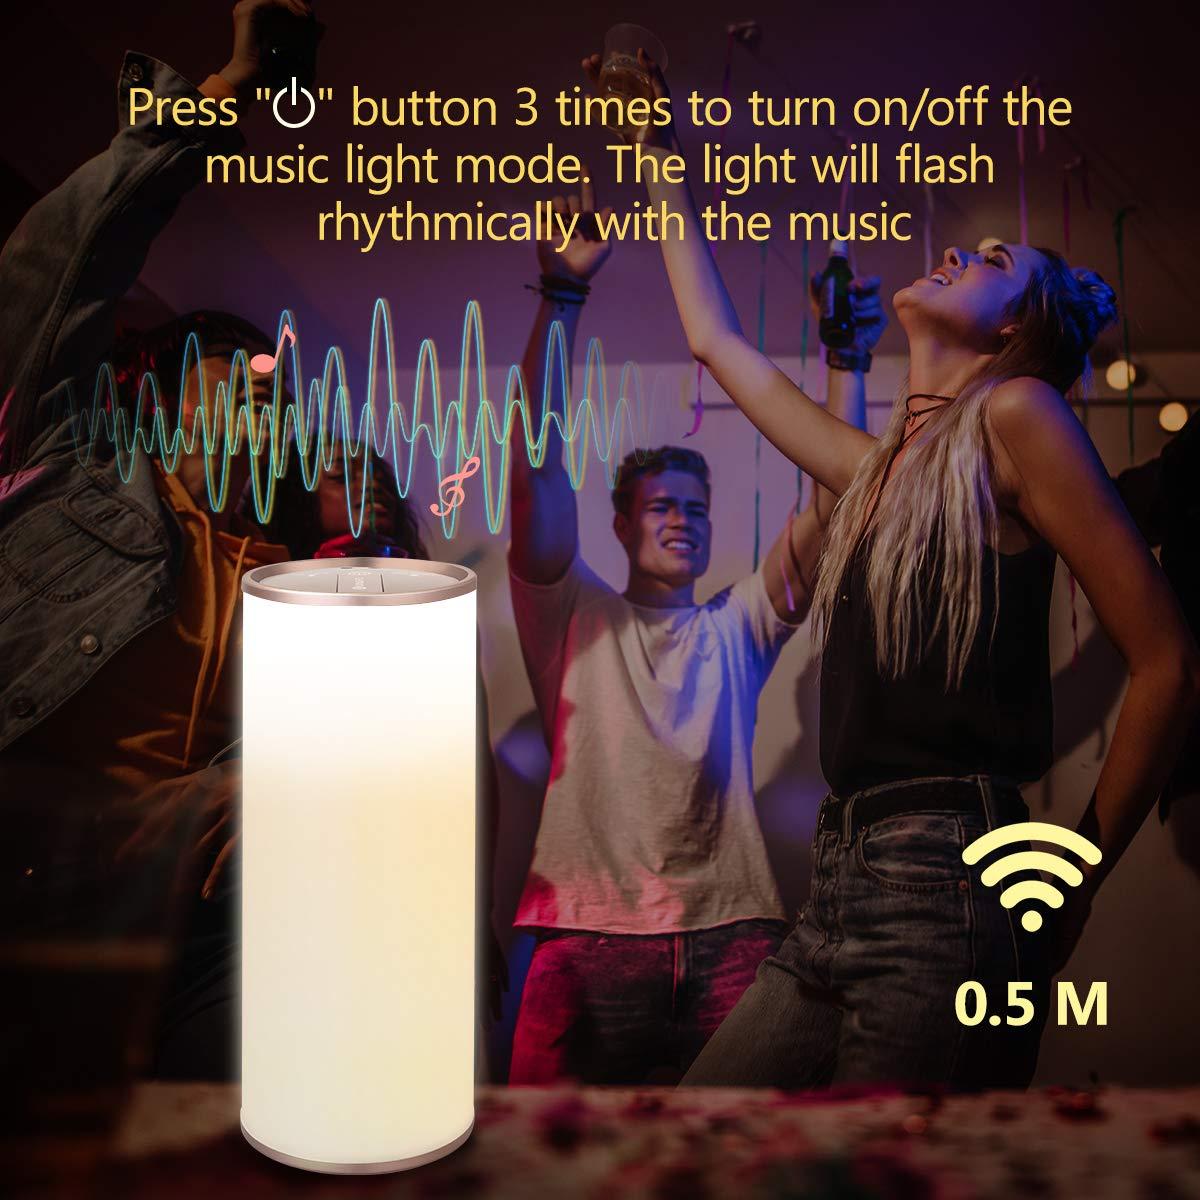 Nachttischlampe mit Gestensensor Ein-Griff Tragbar Perfekt Weihnachtsgeschenk Stufenlos Dimmbar Touch Bedienung Kabellos Batteriebetrieben YUNLIGHTS Tischlampe LED Nachtlampe Stimmungslicht